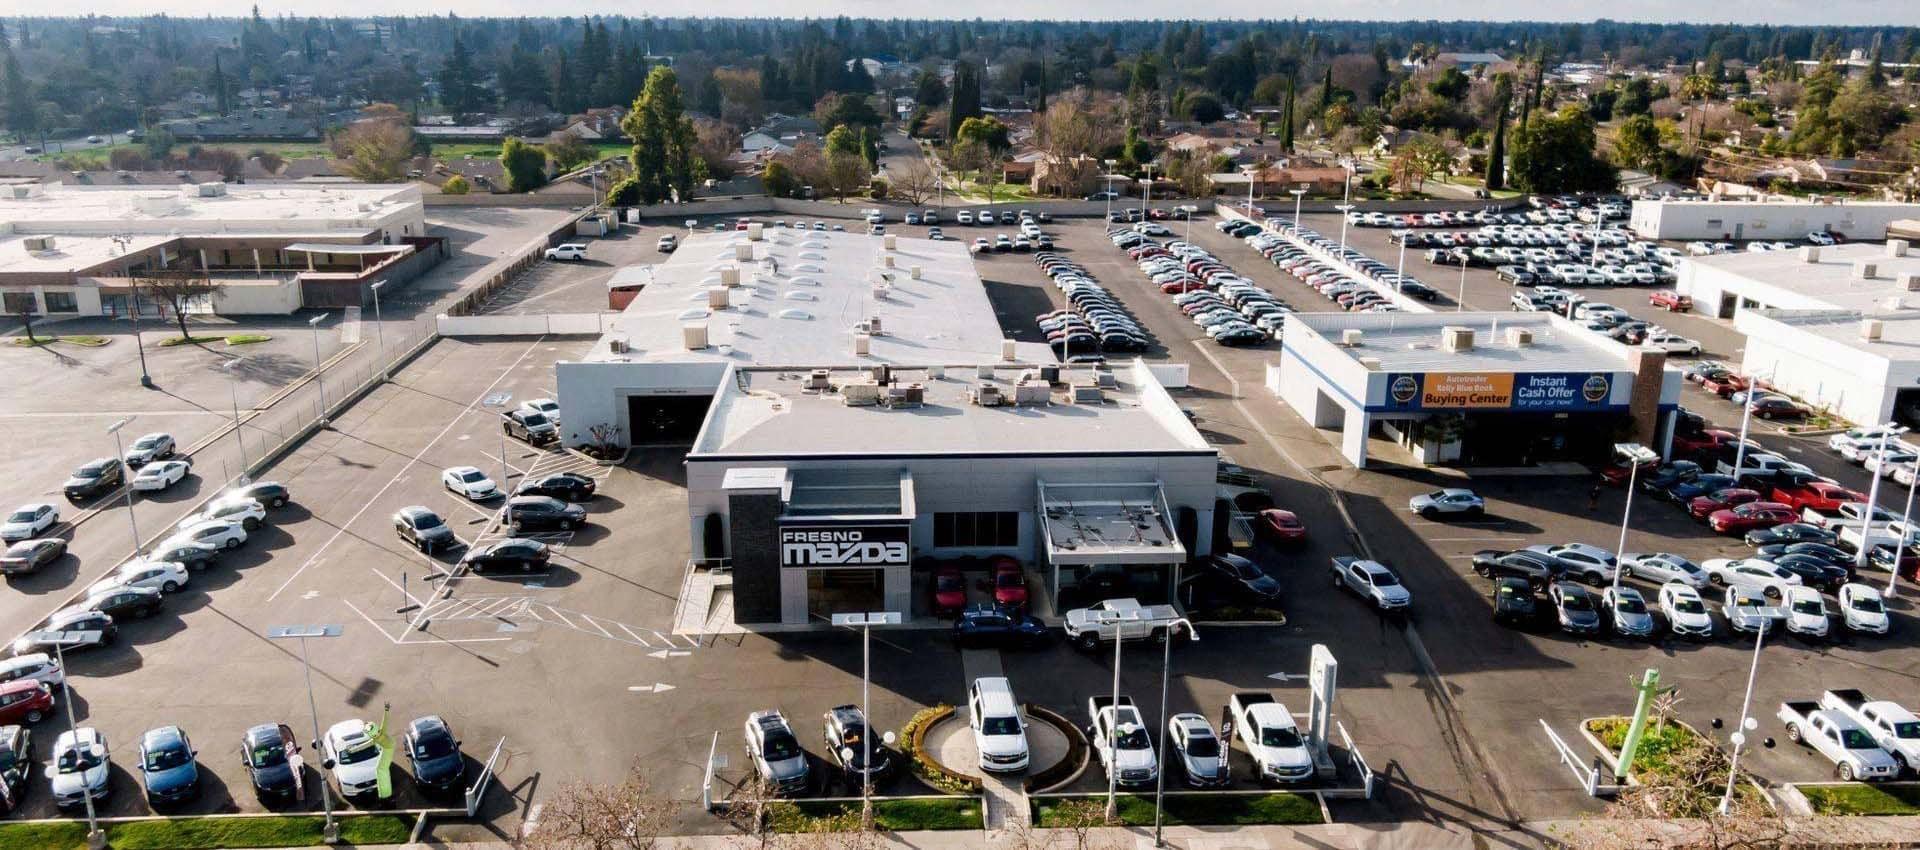 Used Car Dealership in Fresno